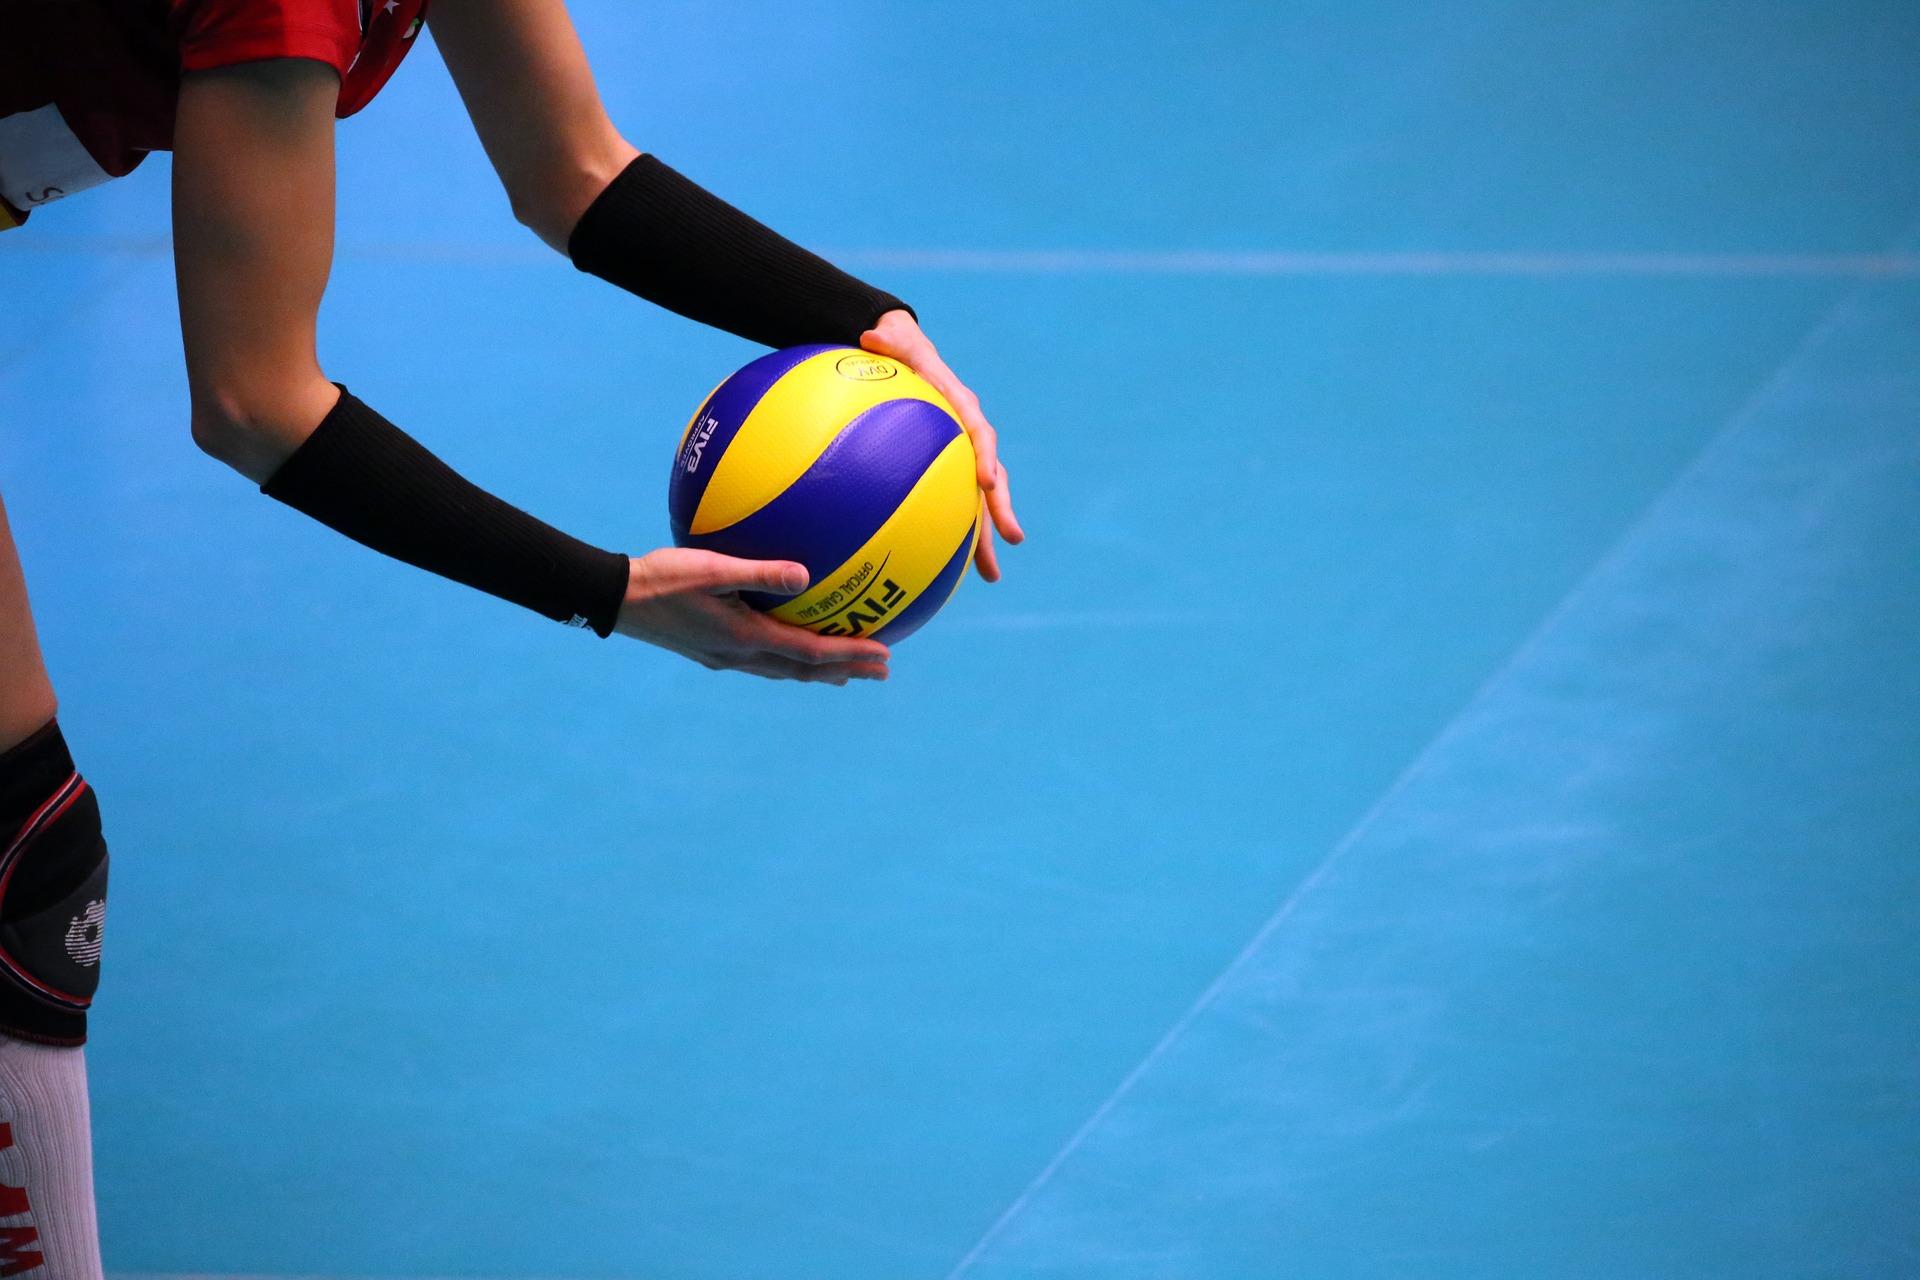 Только вперед: команда Бауманского университета стала победителем высшей лиги по волейболу. Фото: pixabay.com